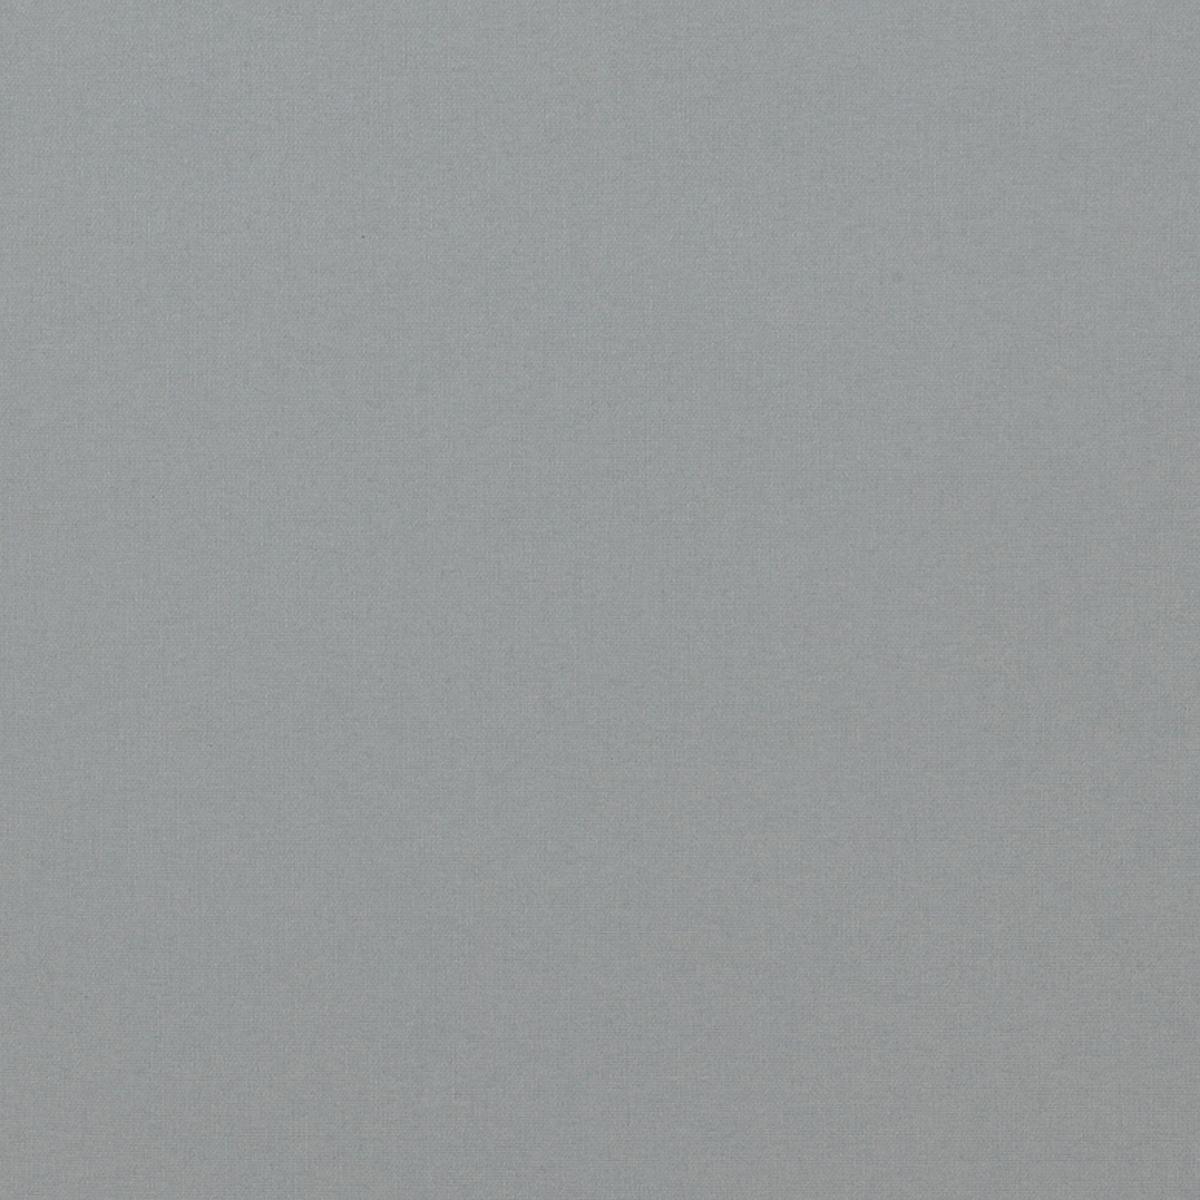 Rullgardinsväv Carina blackout 5112